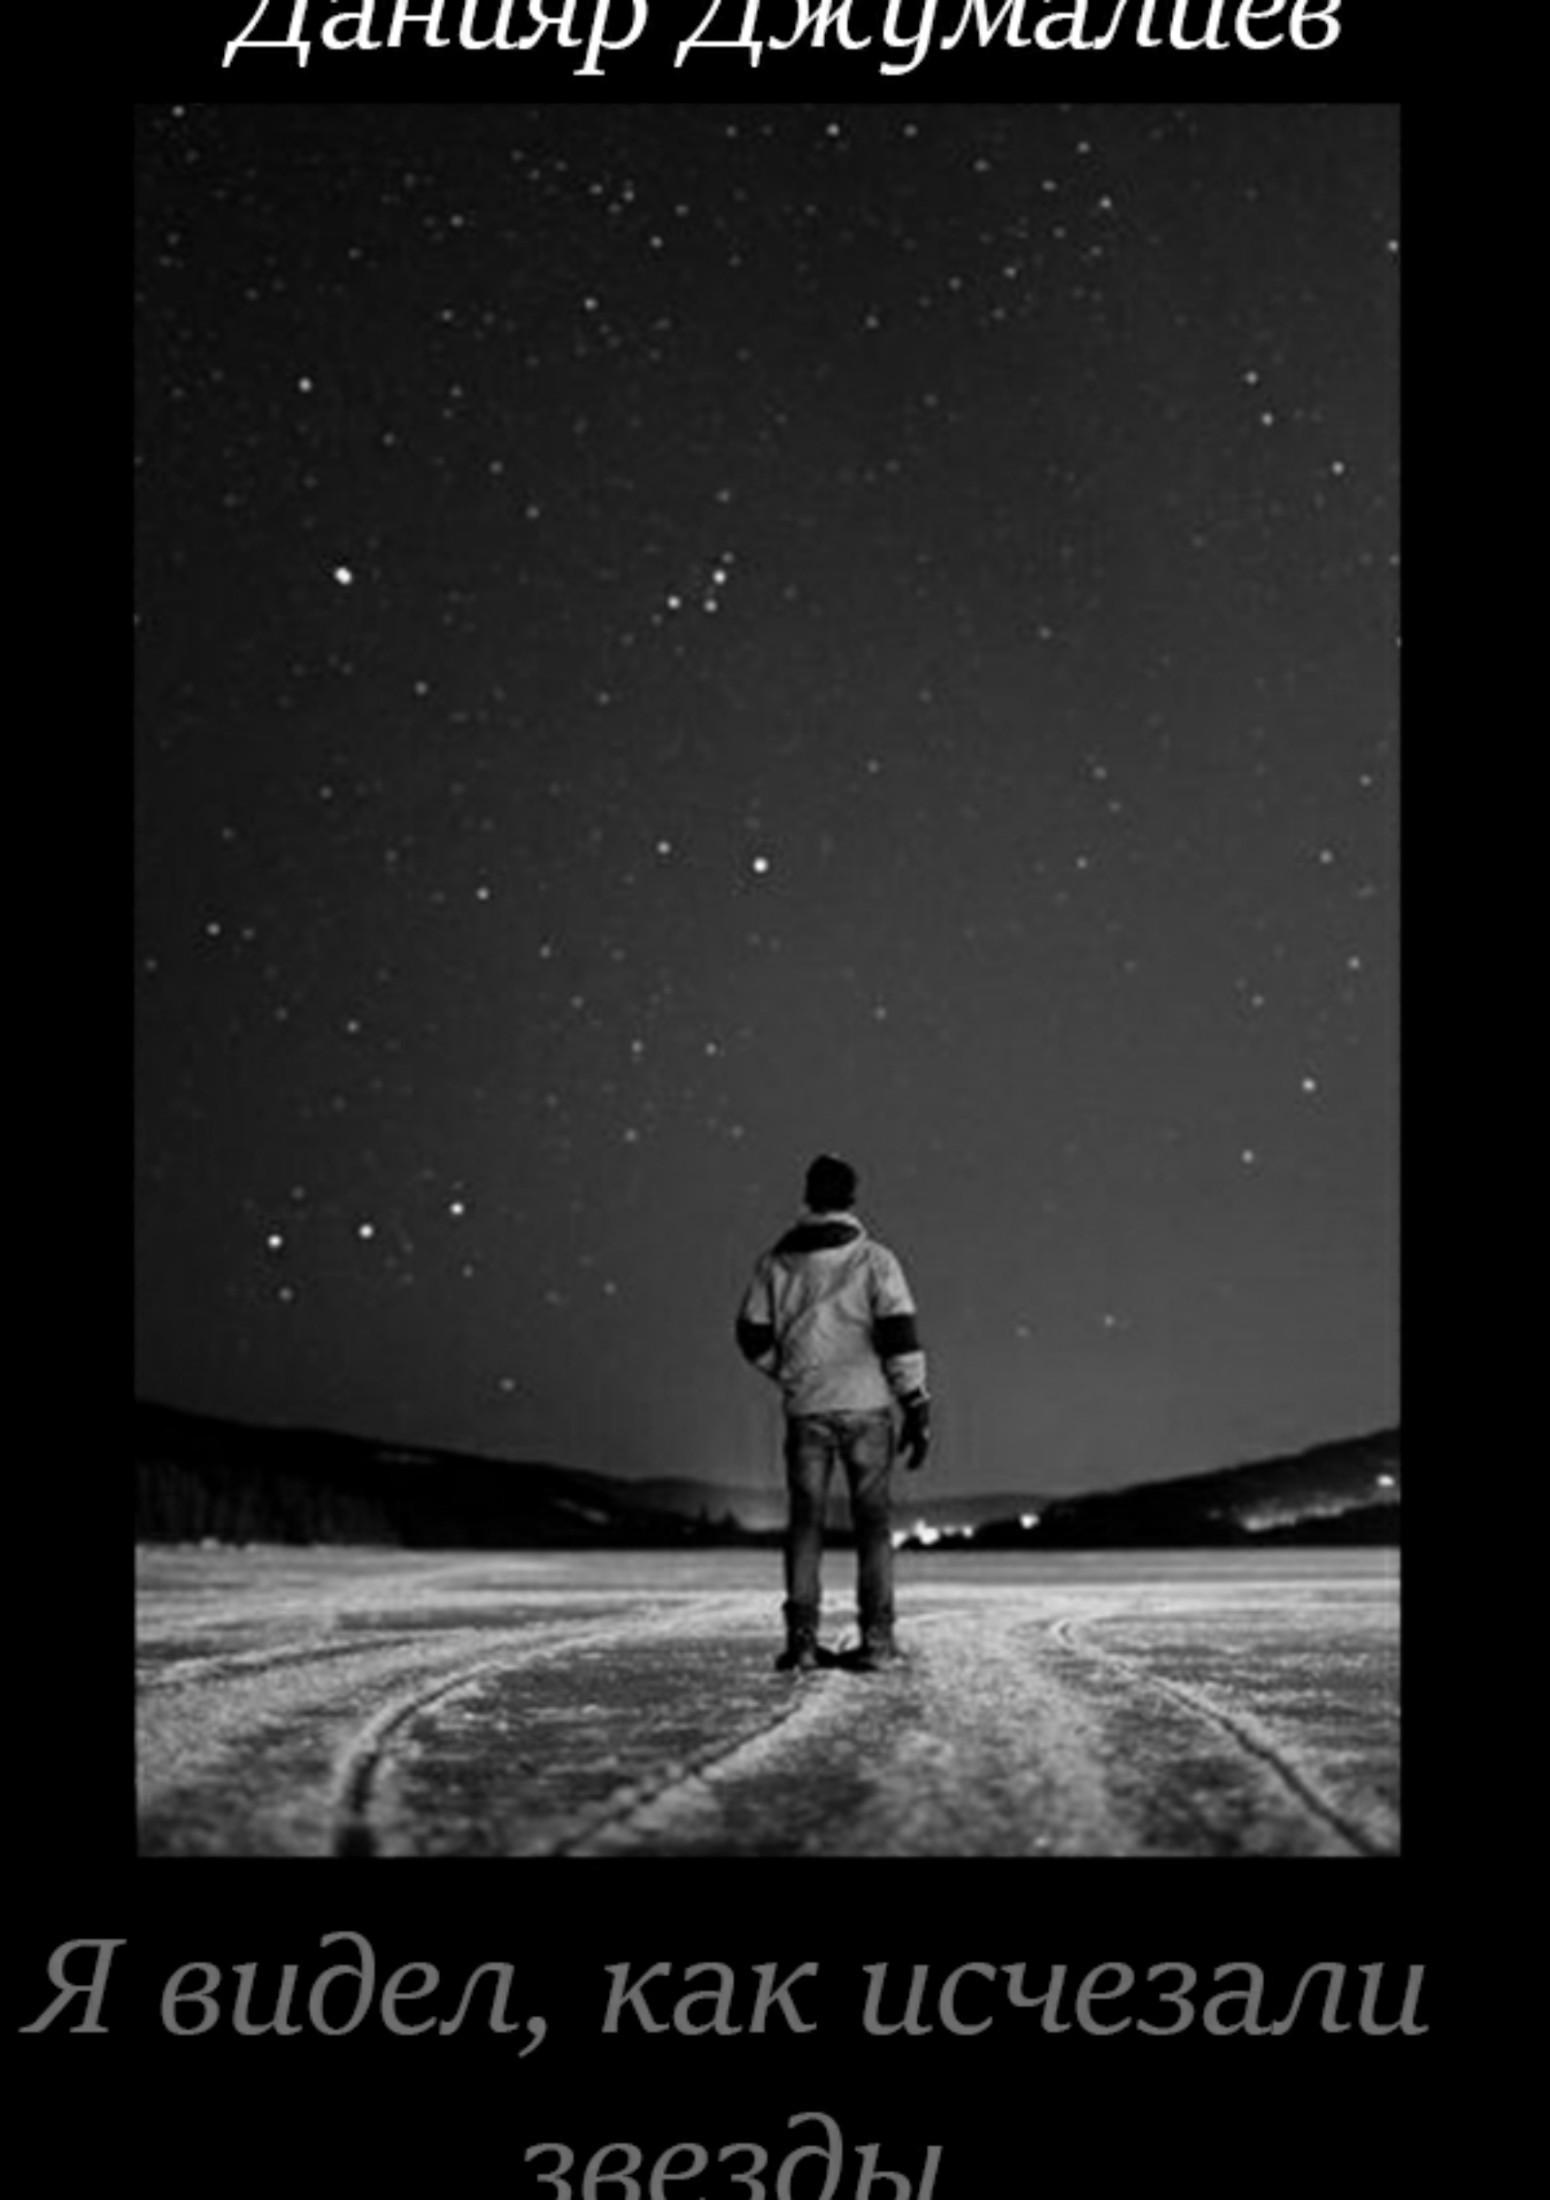 Данияр Темирбекович Джумалиев Я видел, как исчезали звезды витамина мятная нло – надежда любовь одиночество